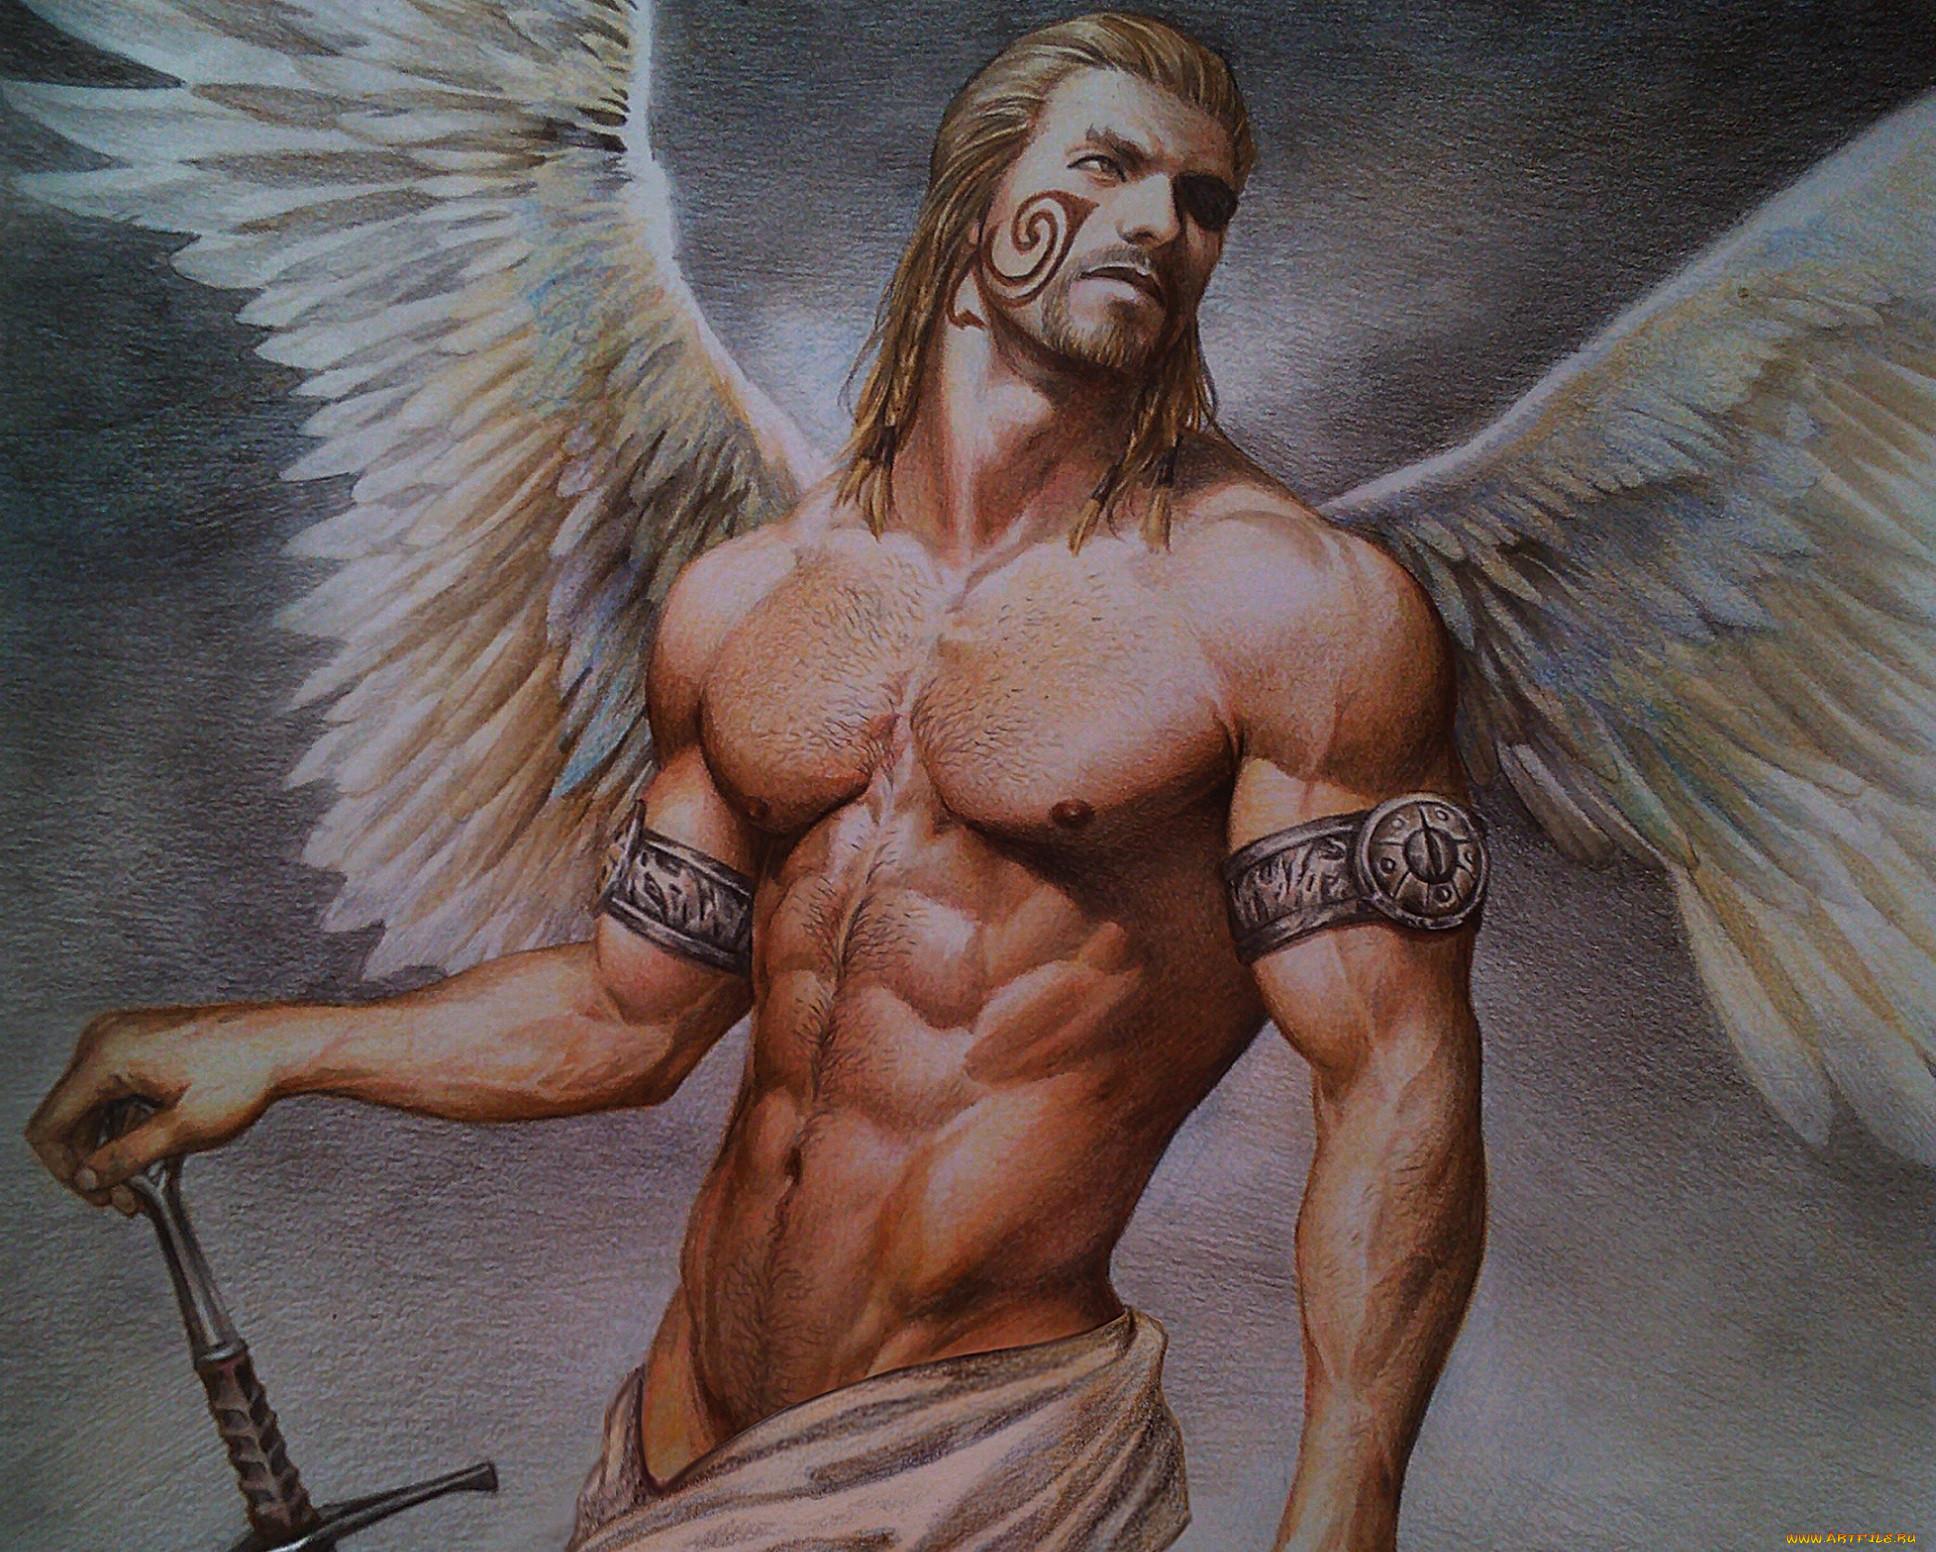 ямка анатомическая большие картинки ангелы мужчины увлечённо собирали